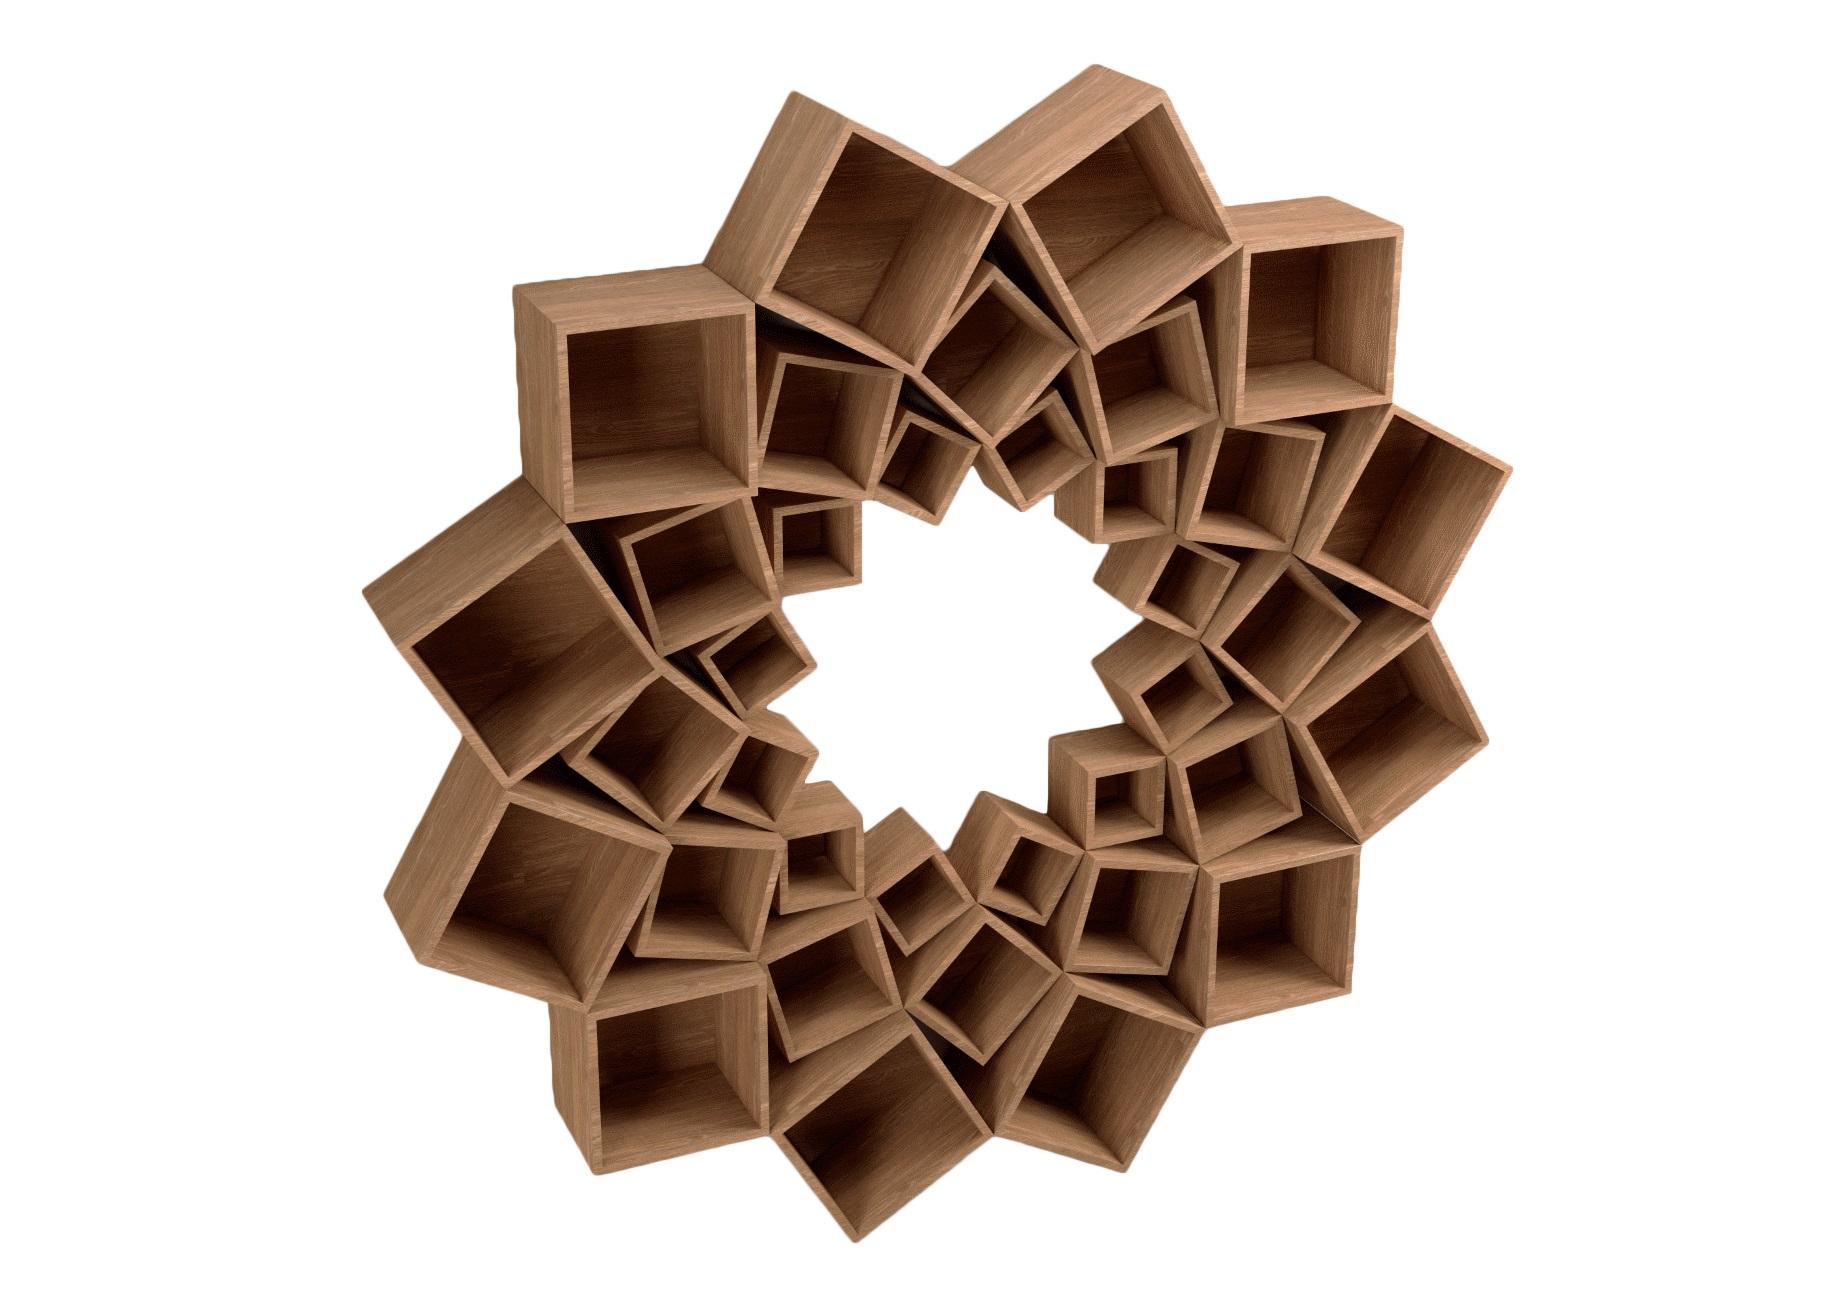 Стеллаж Лотос 3 кругаСтеллажи и этажерки<br>&amp;lt;div&amp;gt;Потрясающий стеллаж из трех кругов квадратов!&amp;amp;nbsp;&amp;lt;/div&amp;gt;&amp;lt;div&amp;gt;&amp;lt;br&amp;gt;&amp;lt;/div&amp;gt;&amp;lt;div&amp;gt;Материал: МДФ, шпон&amp;amp;nbsp;&amp;lt;/div&amp;gt;<br><br>Material: МДФ<br>Depth см: 30<br>Height см: 210<br>Diameter см: 210